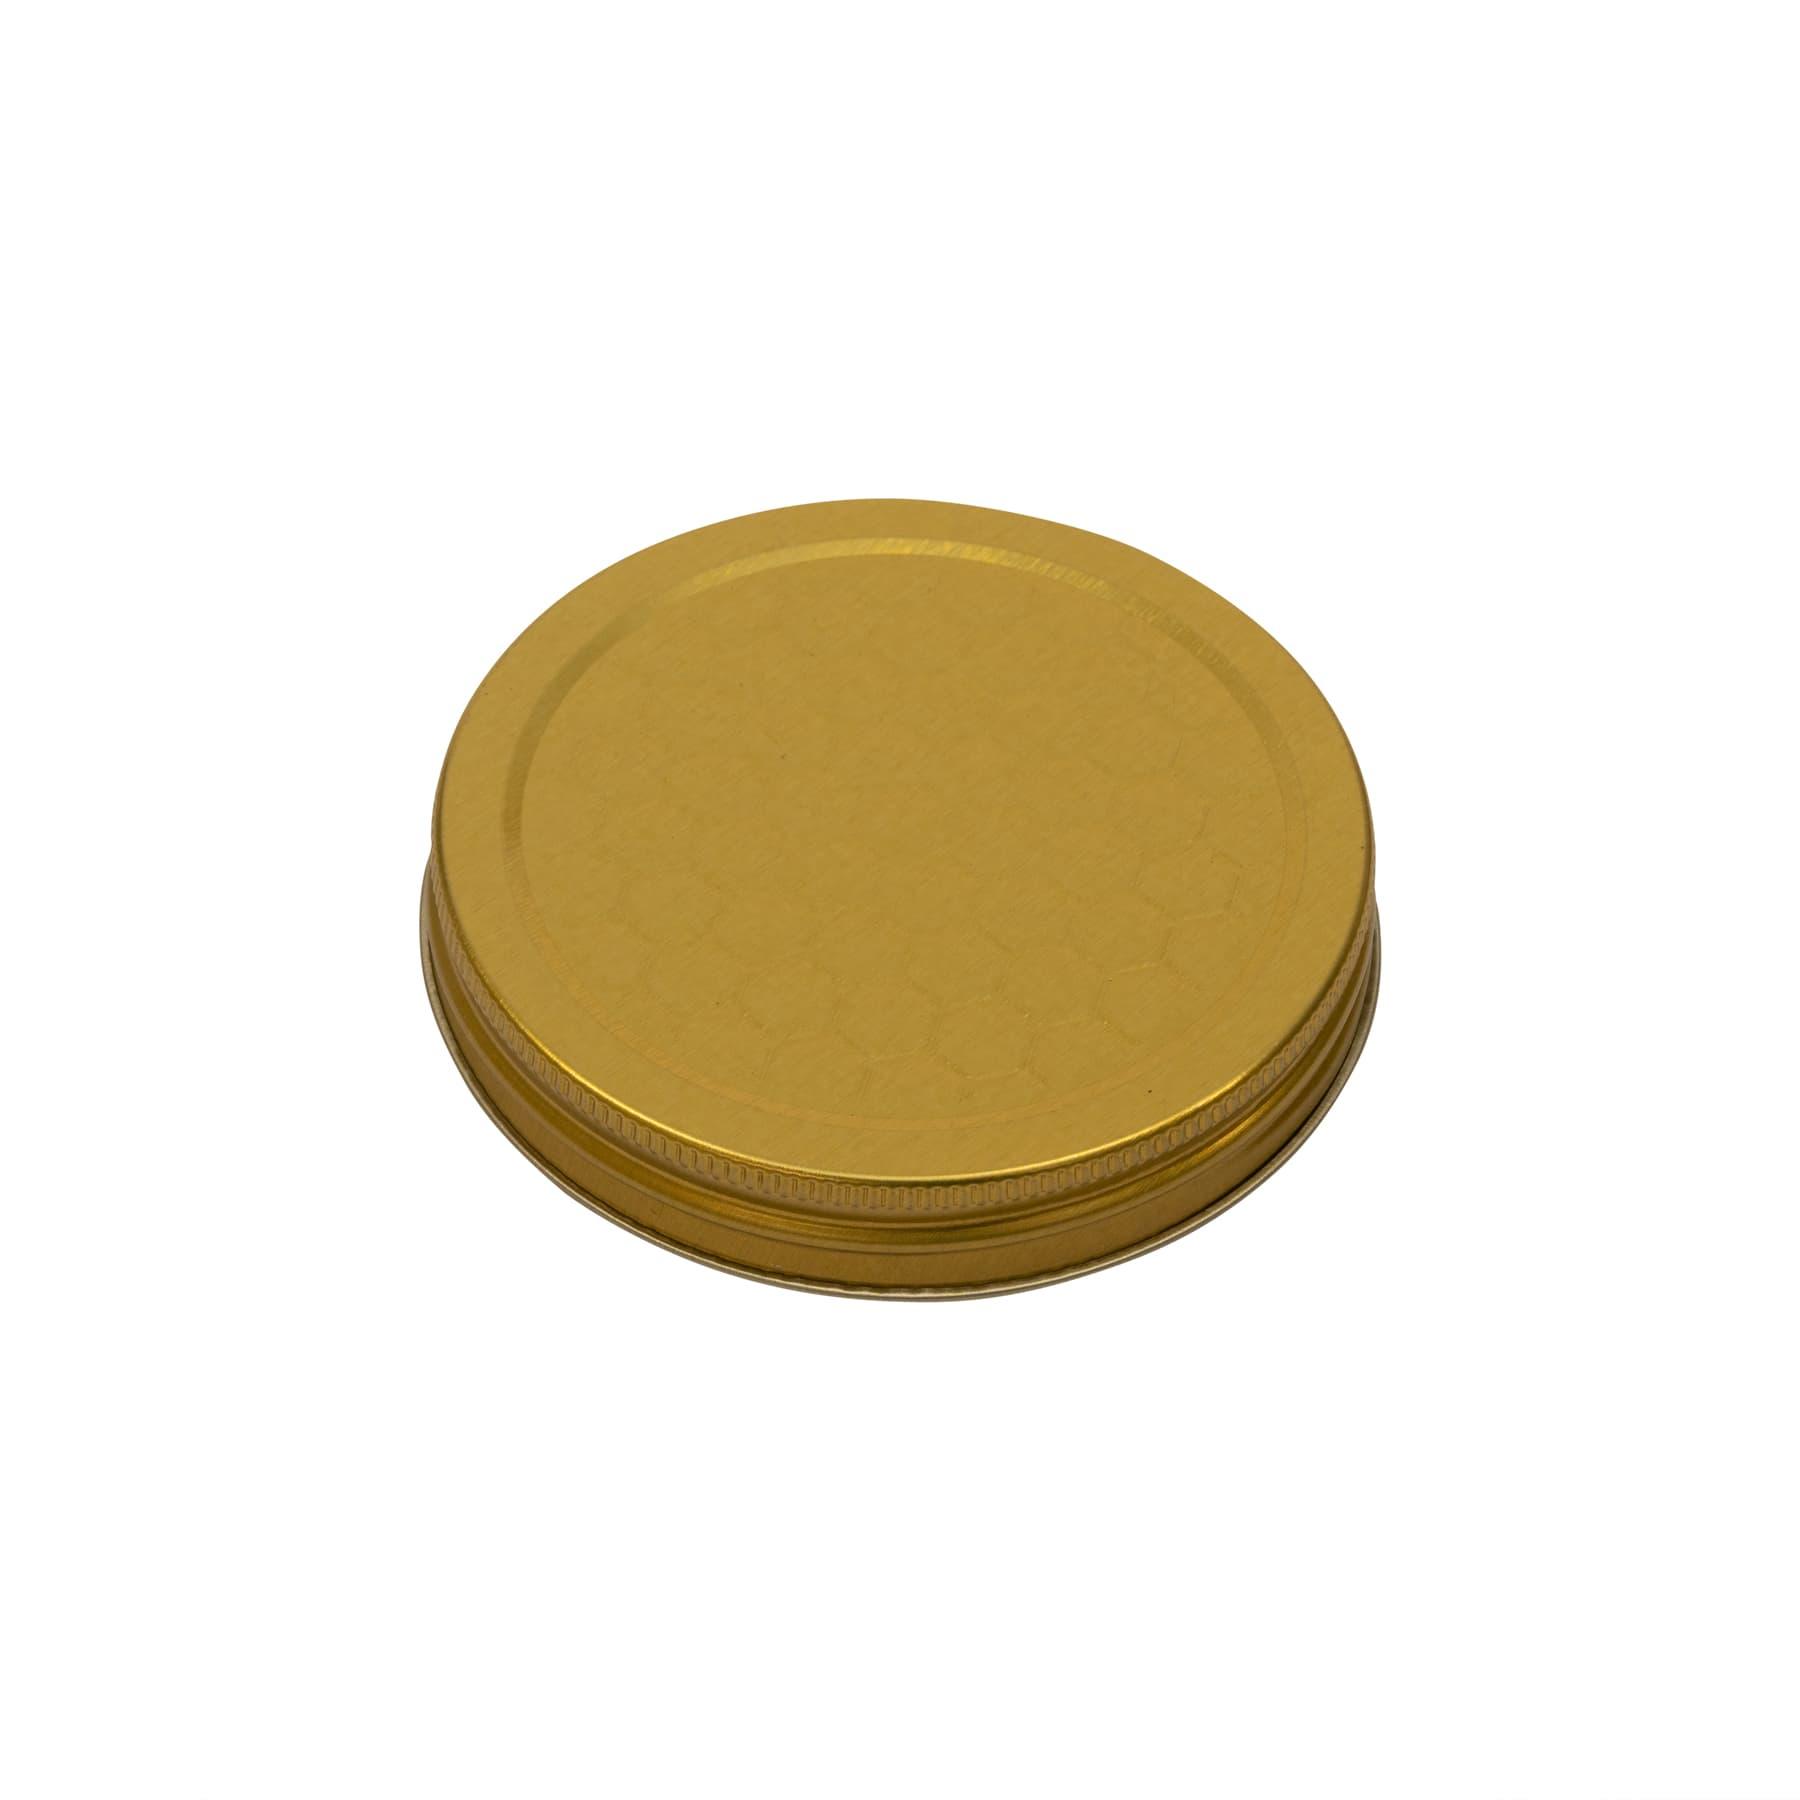 Schraubdeckel metall für 250 g Glas (Weißblech gold lackiert) mit geprägtem Wabenmuster 68/16 mm